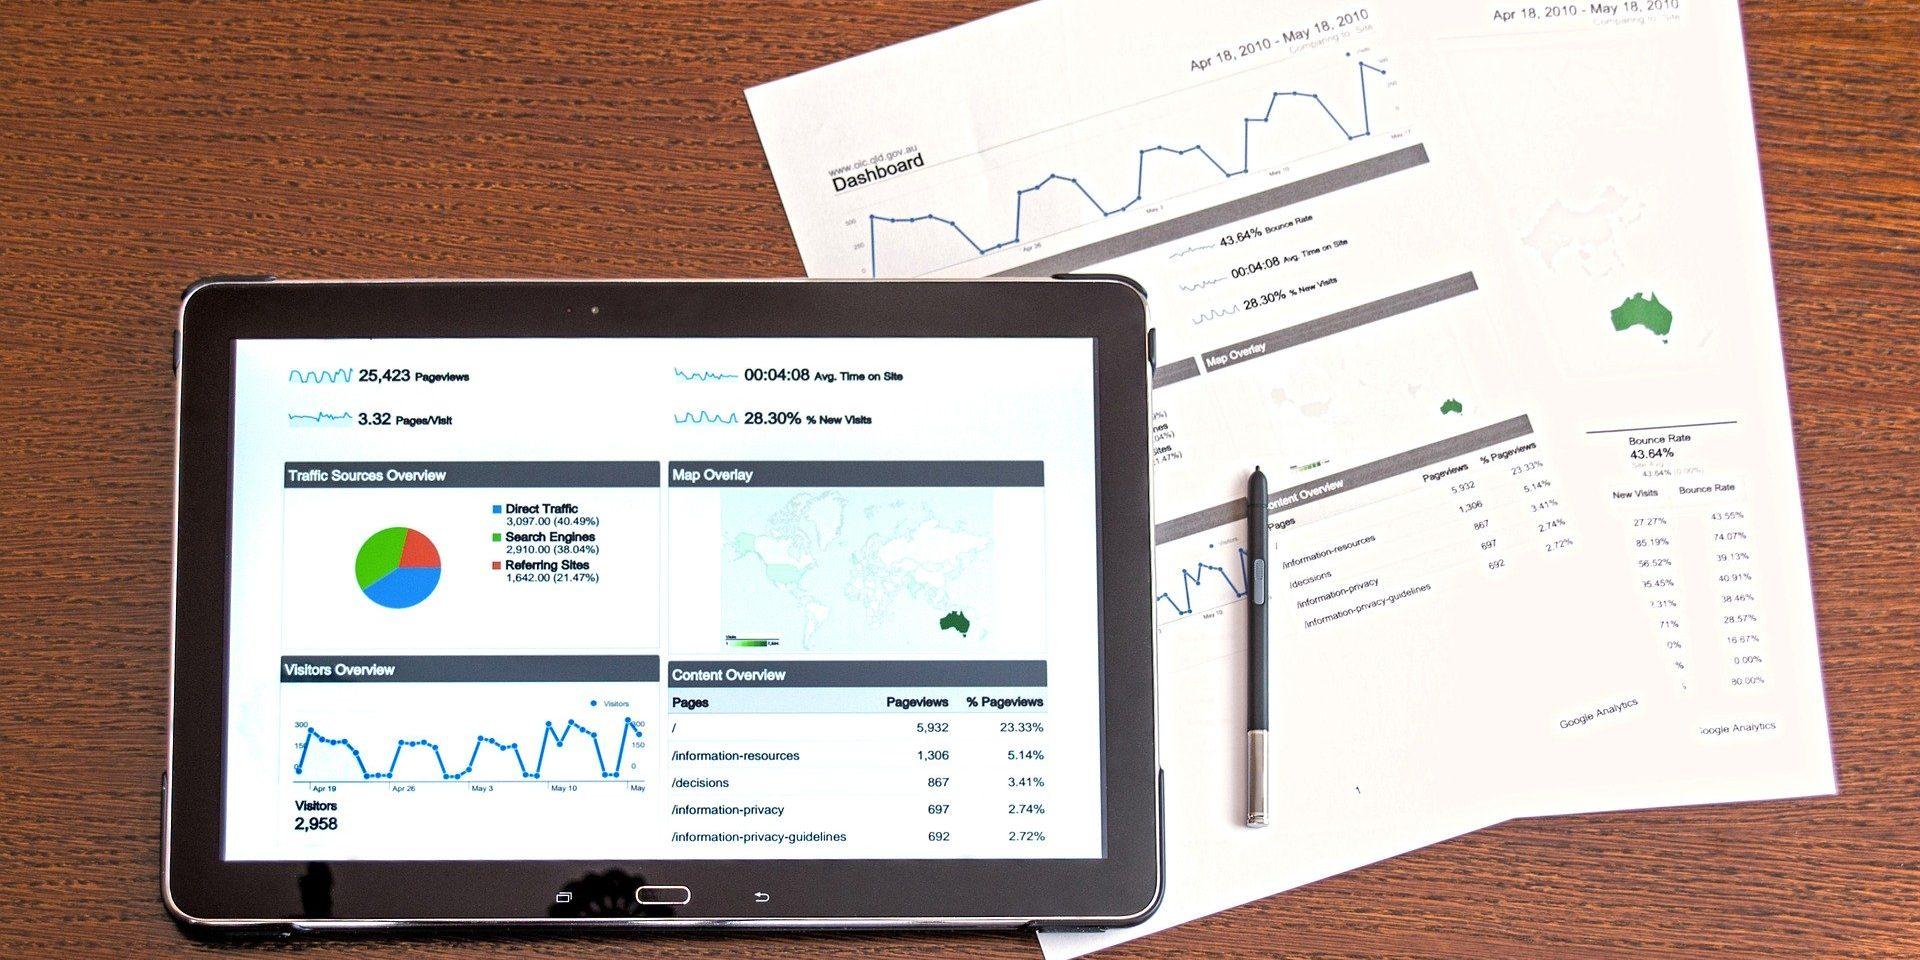 Auf dem Foto sieht man ein Tablett und Blätter mit Diagrammen und Analysen.